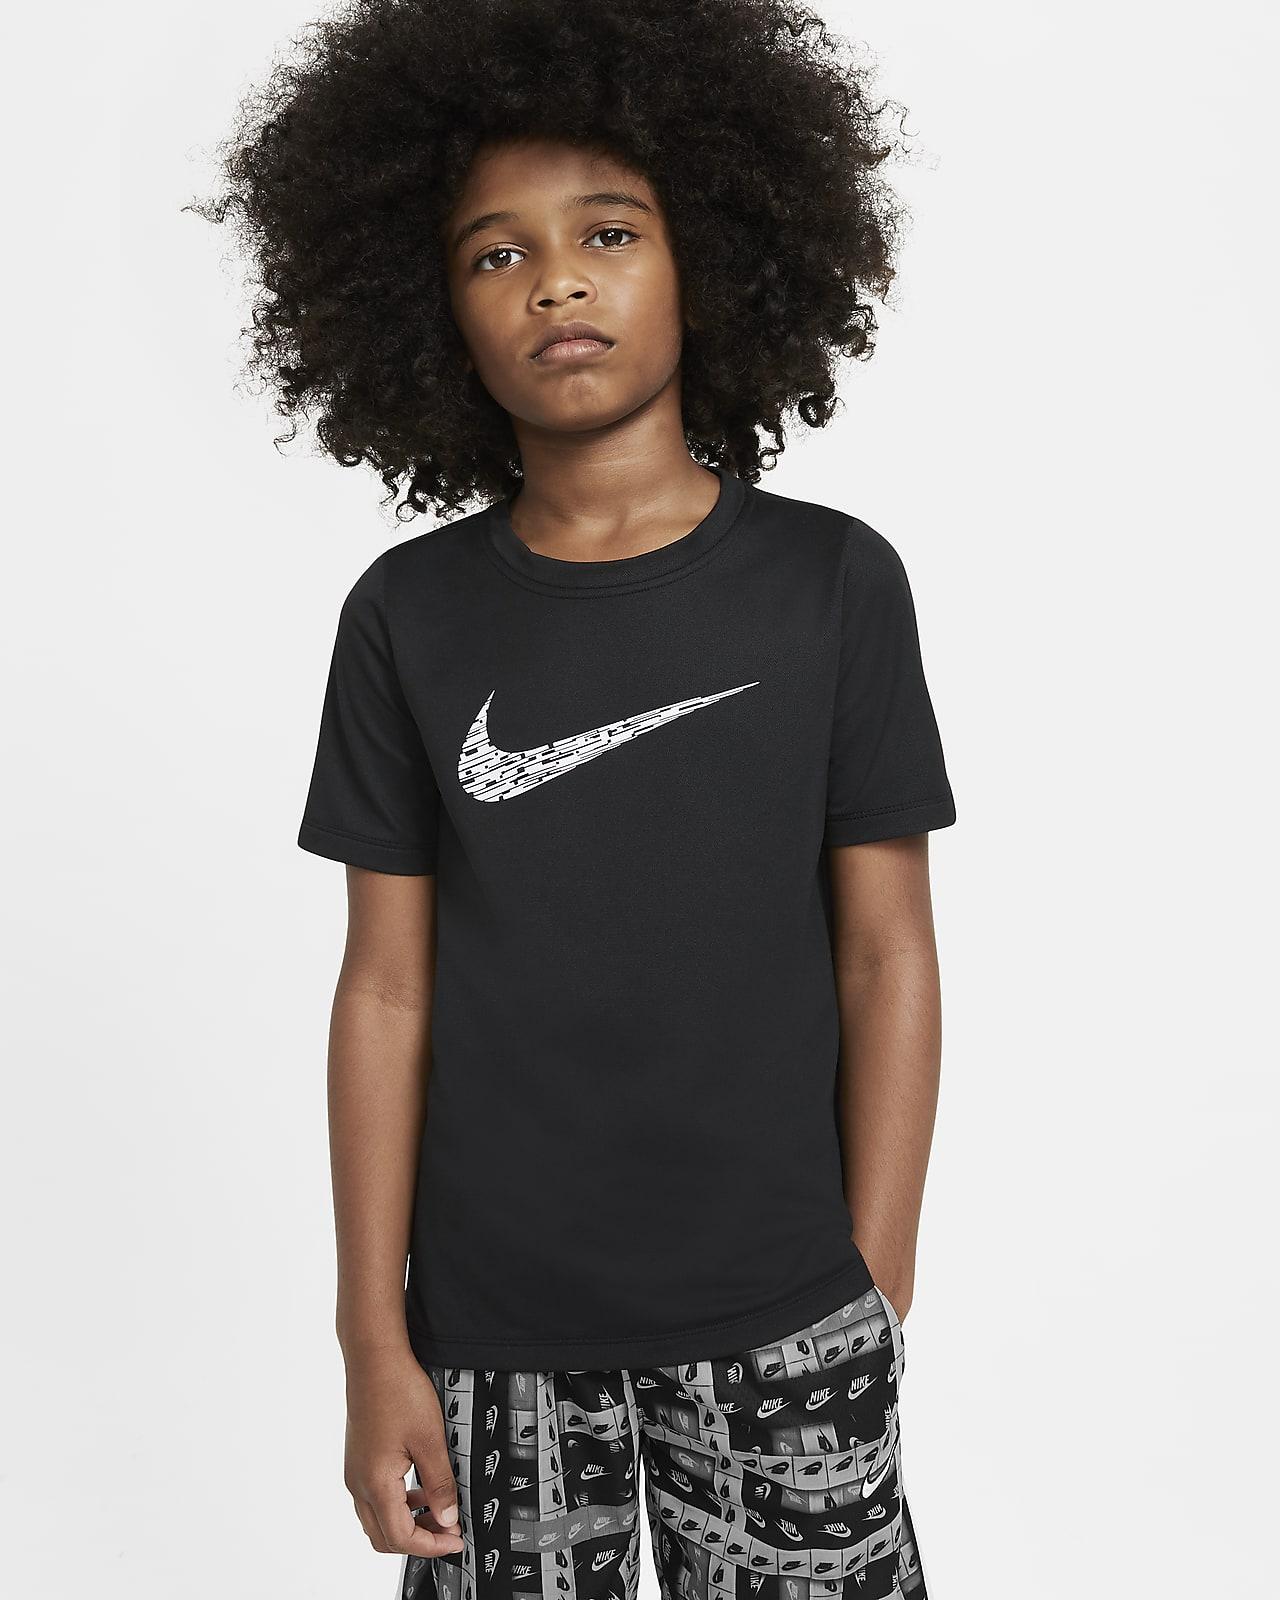 Κοντομάνικη μπλούζα προπόνησης Nike για μεγάλα αγόρια